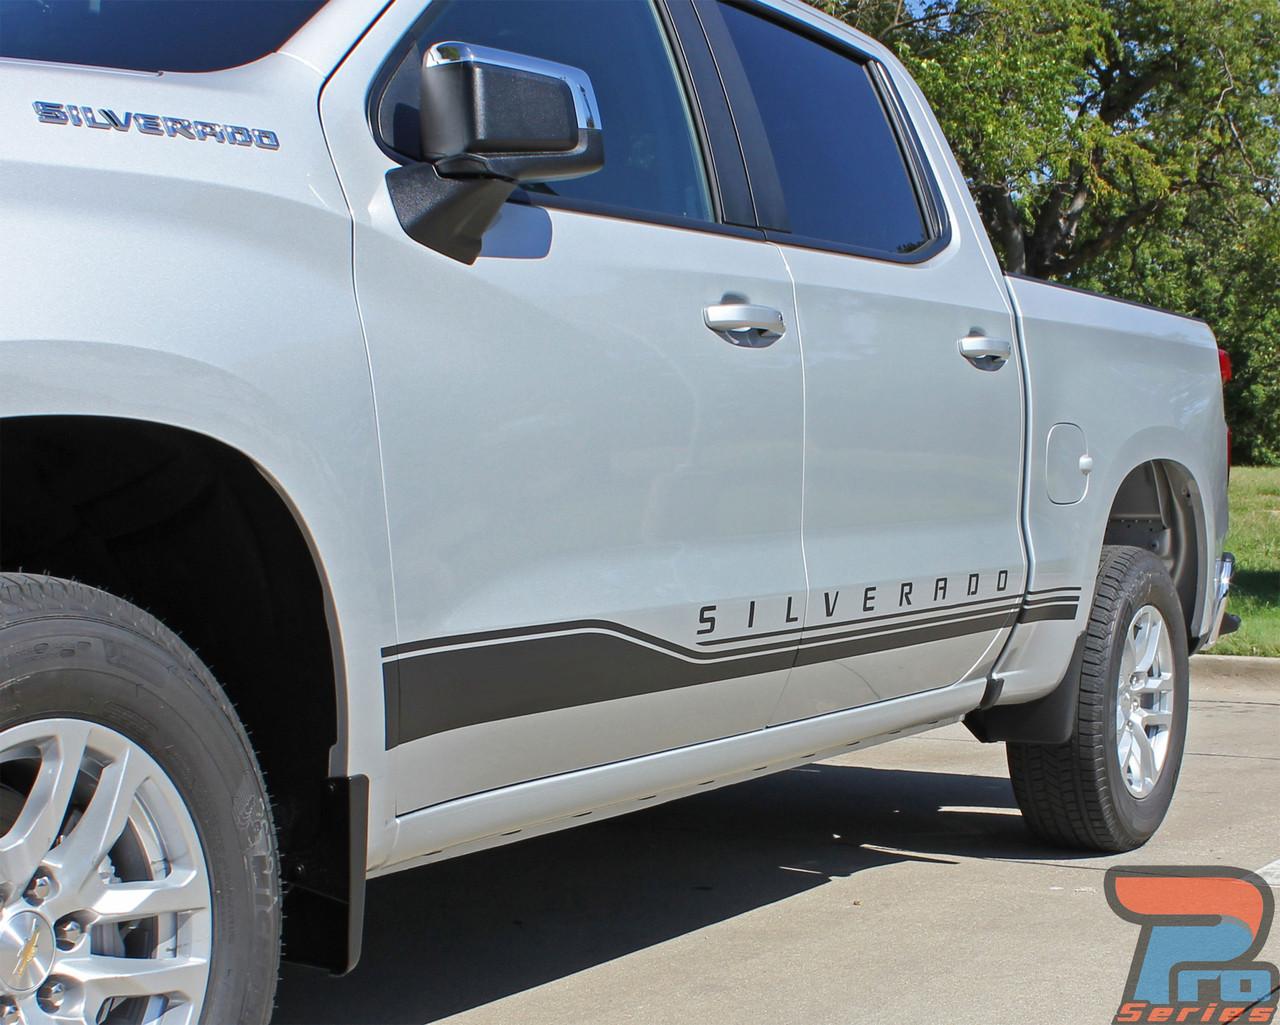 NEW! 2019 Chevy Silverado Side Graphics SILVERADO ROCKER 1